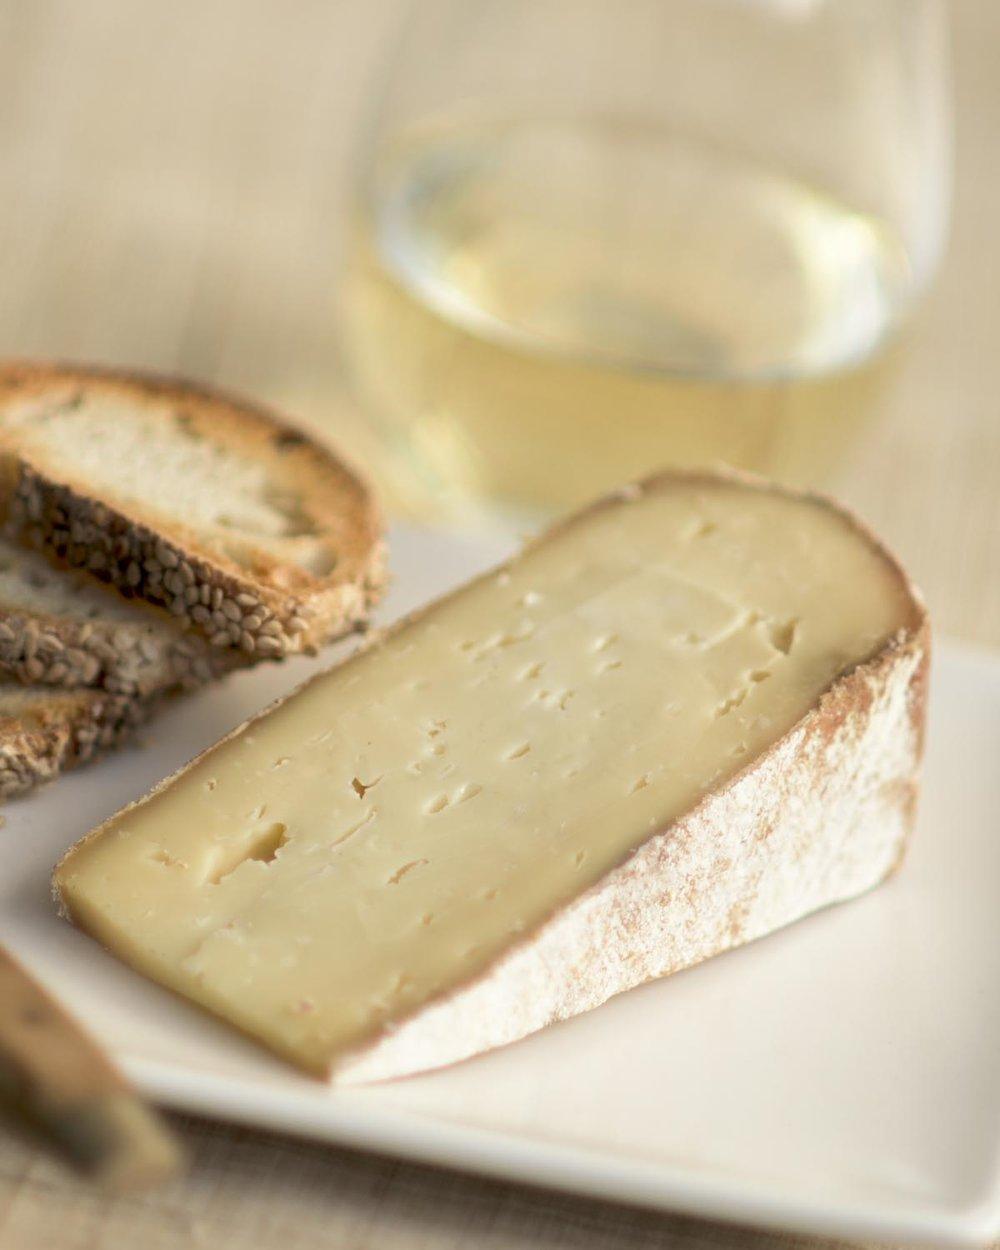 Raw-milk cheese